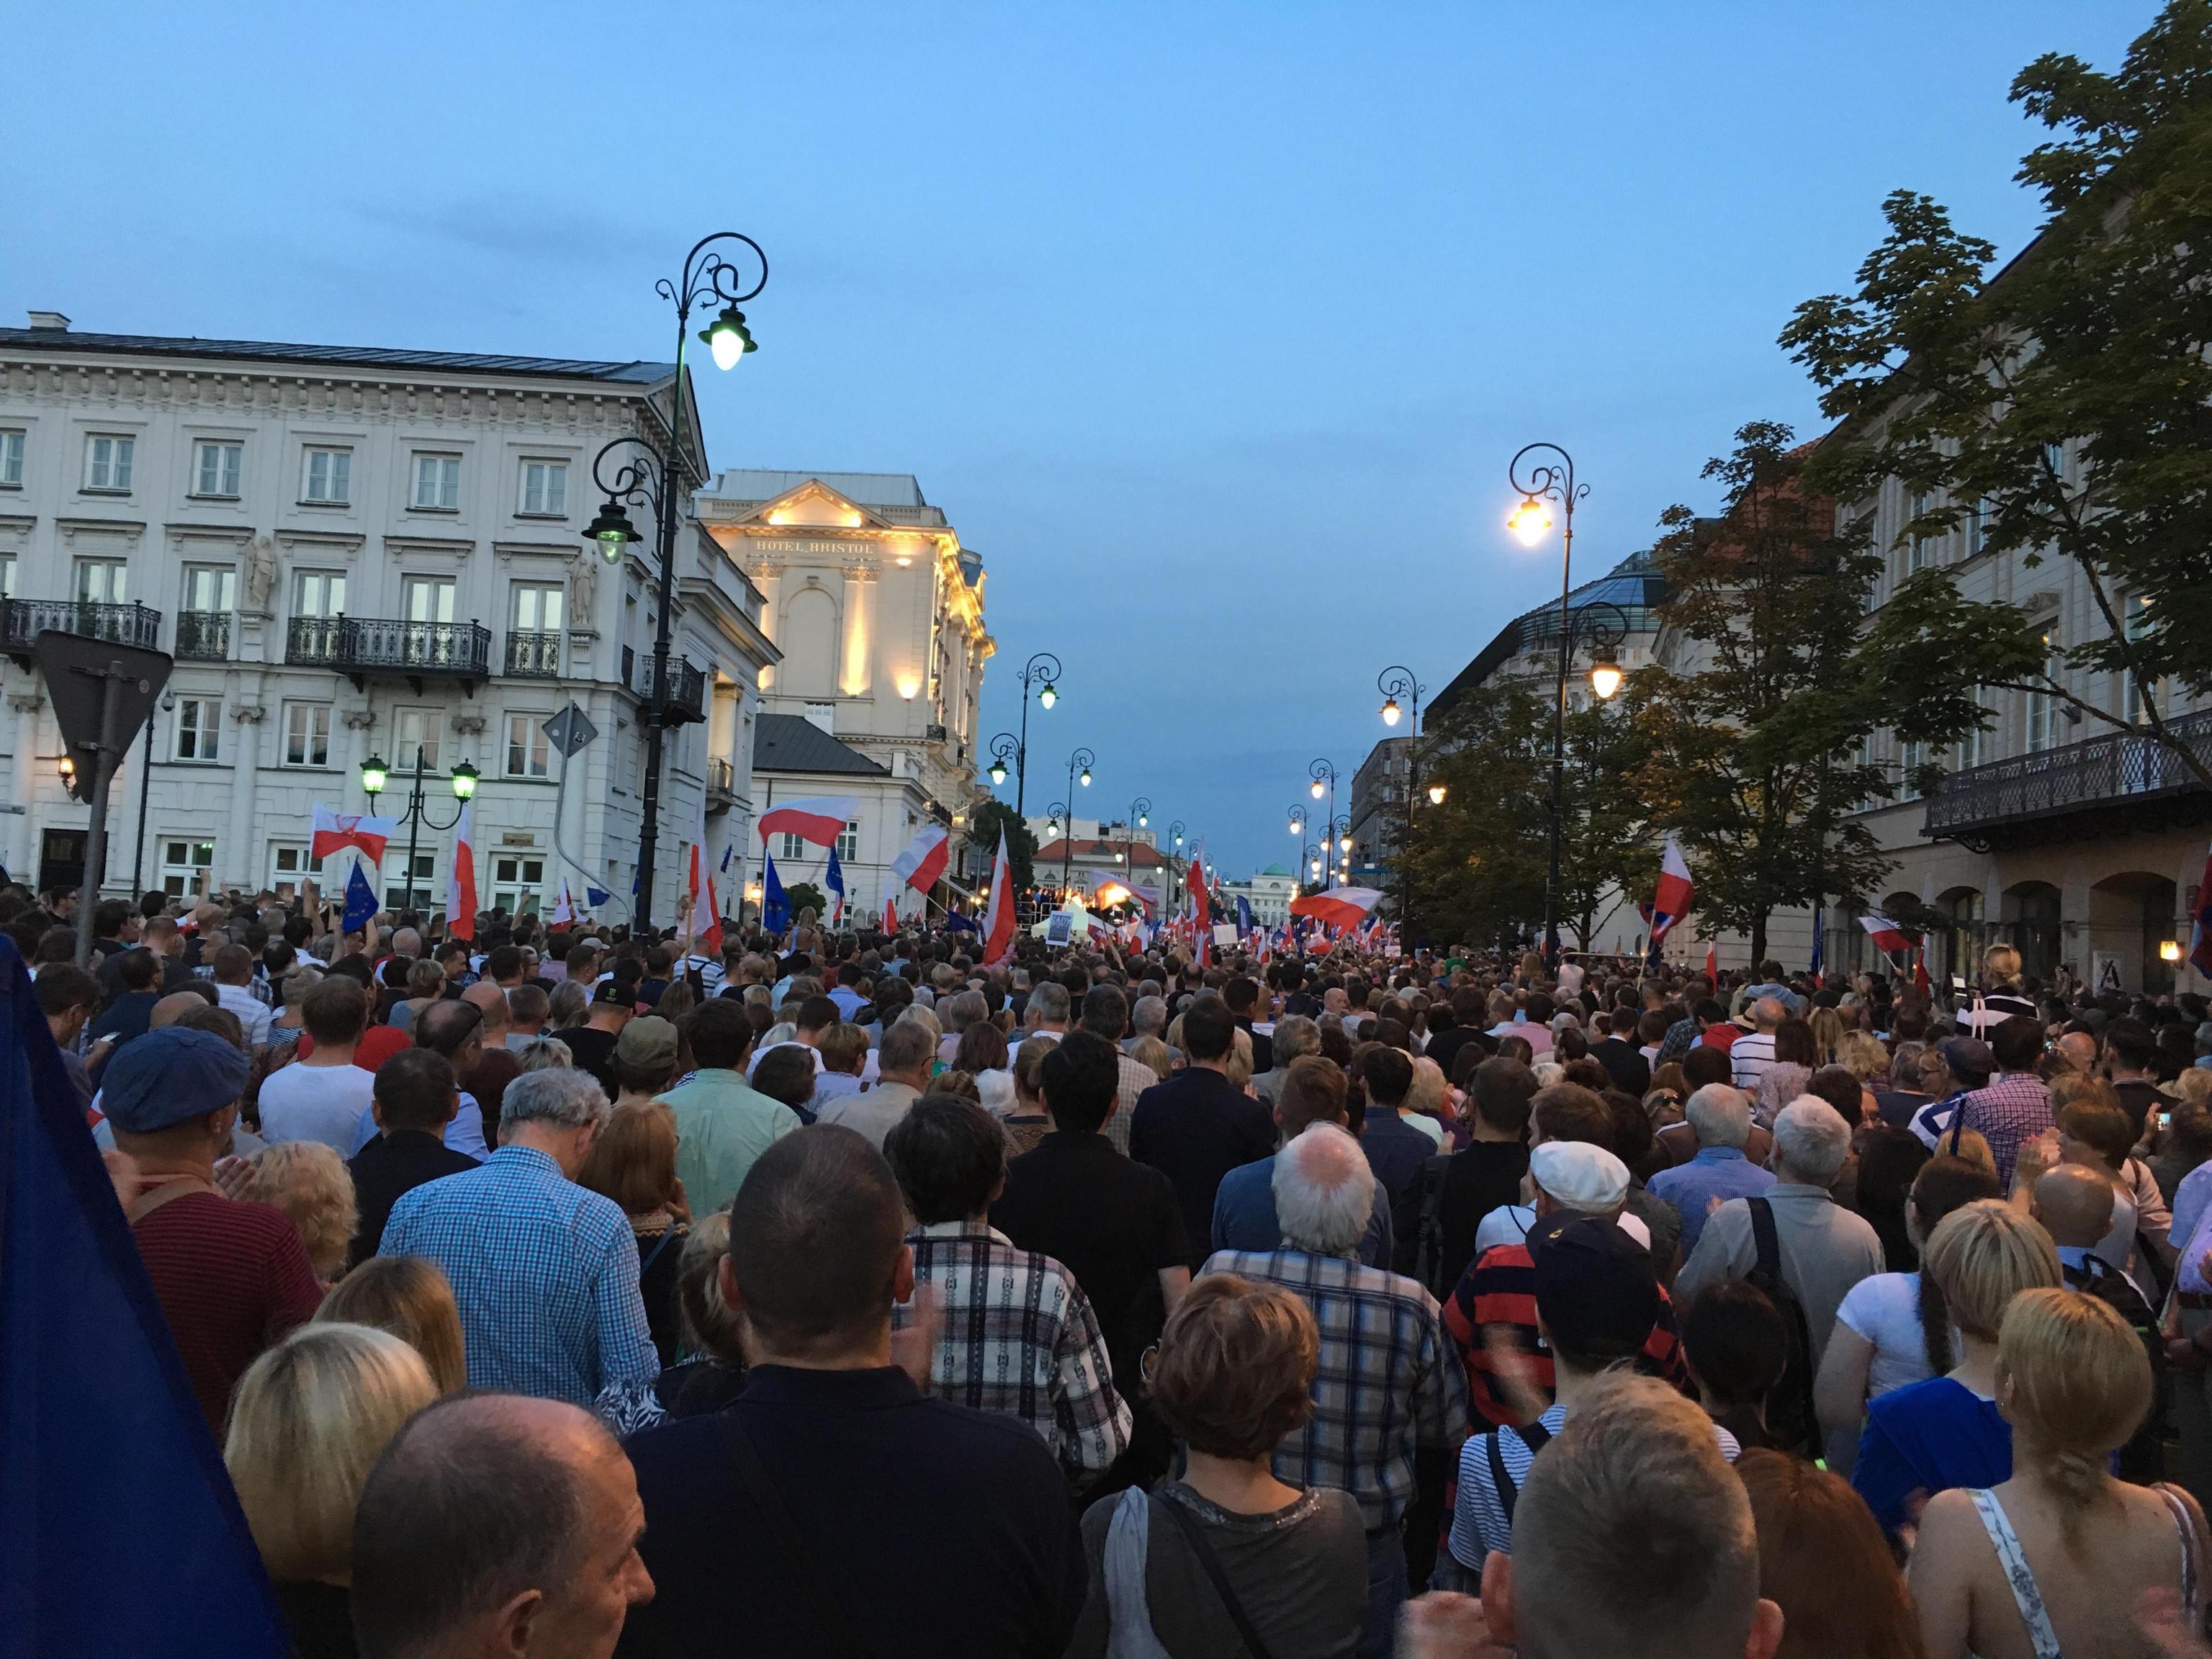 Pe,valori fondamentali Polonia a rischio